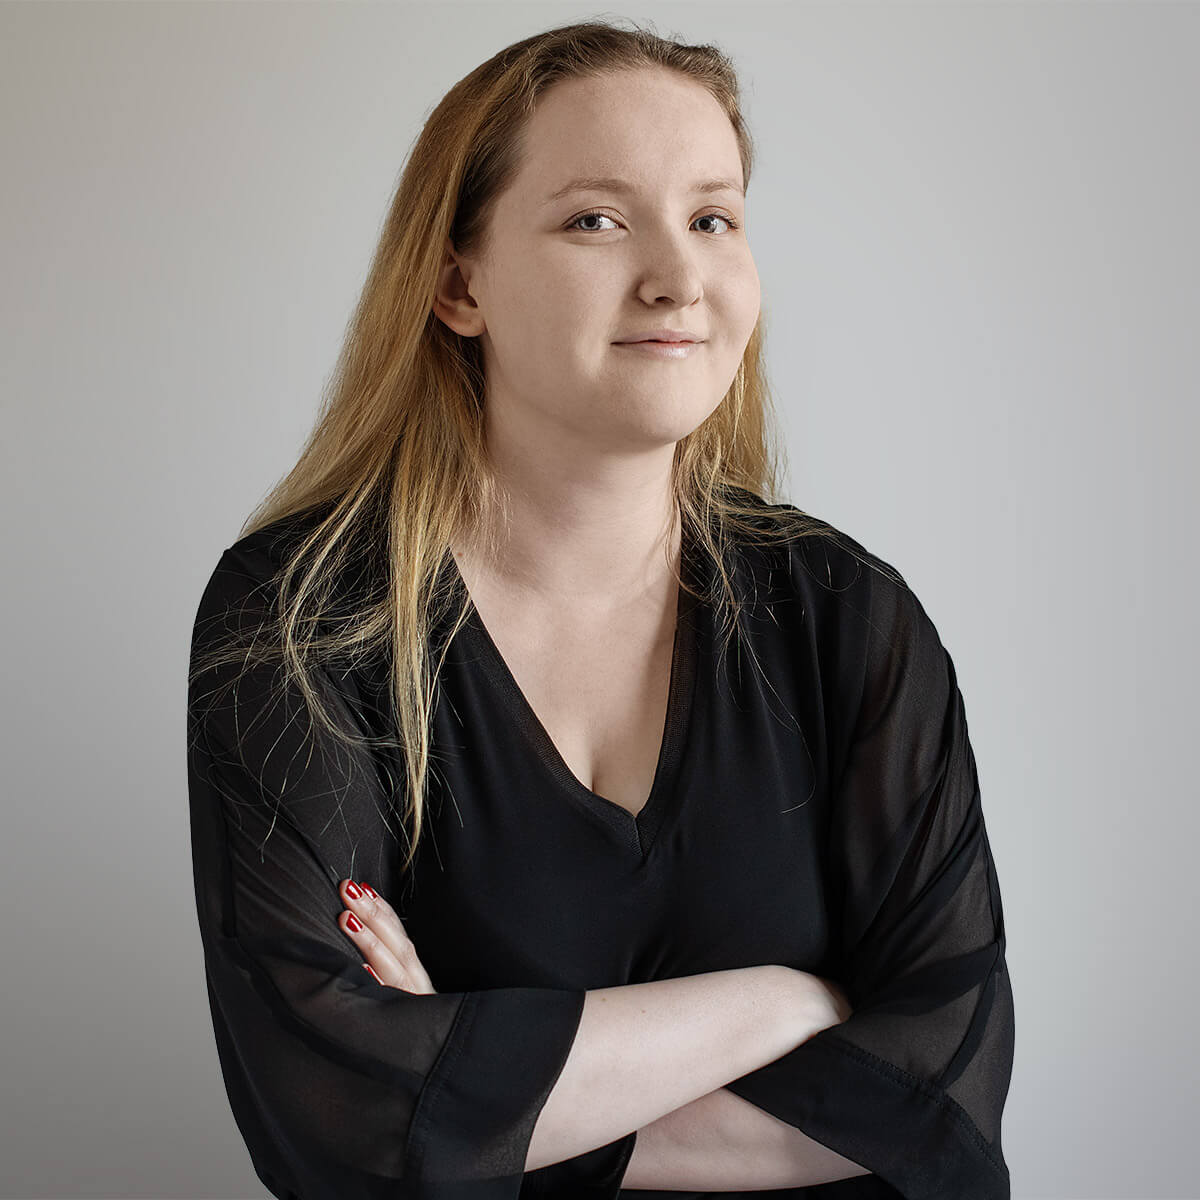 Ewa Karolewska